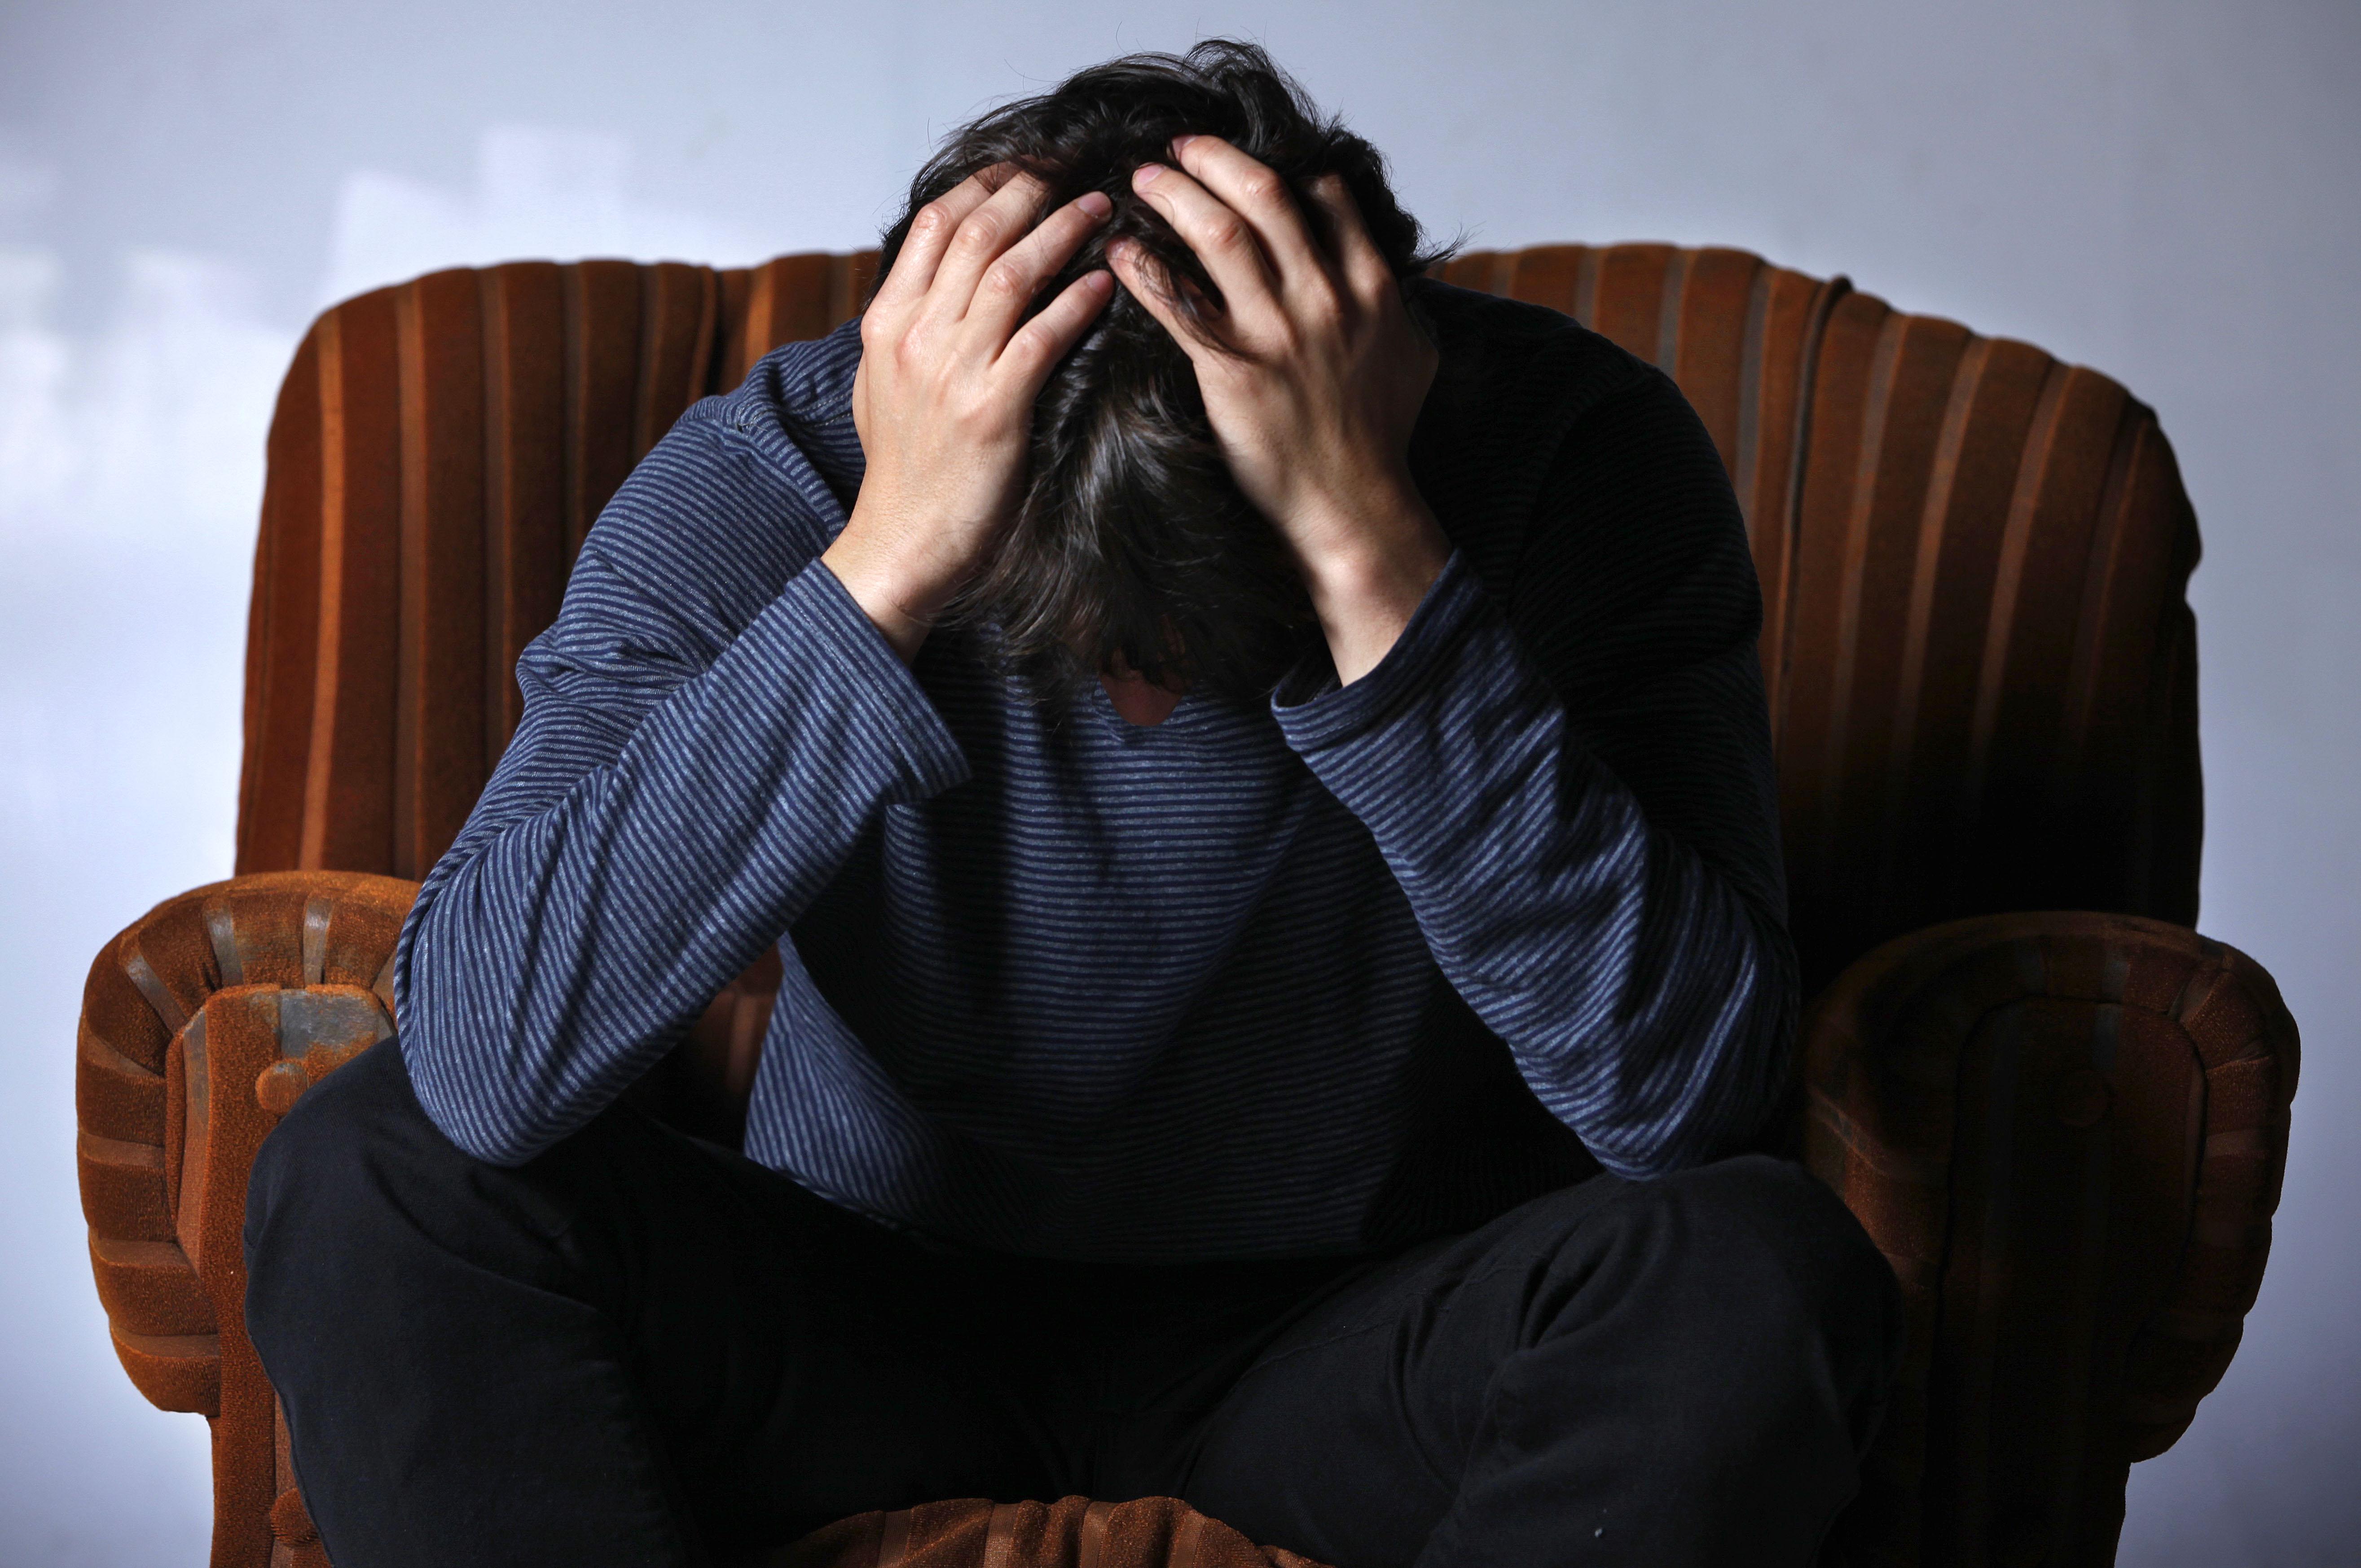 Hallan un gen responsable de la susceptibilidad a padecer trastorno del pánico